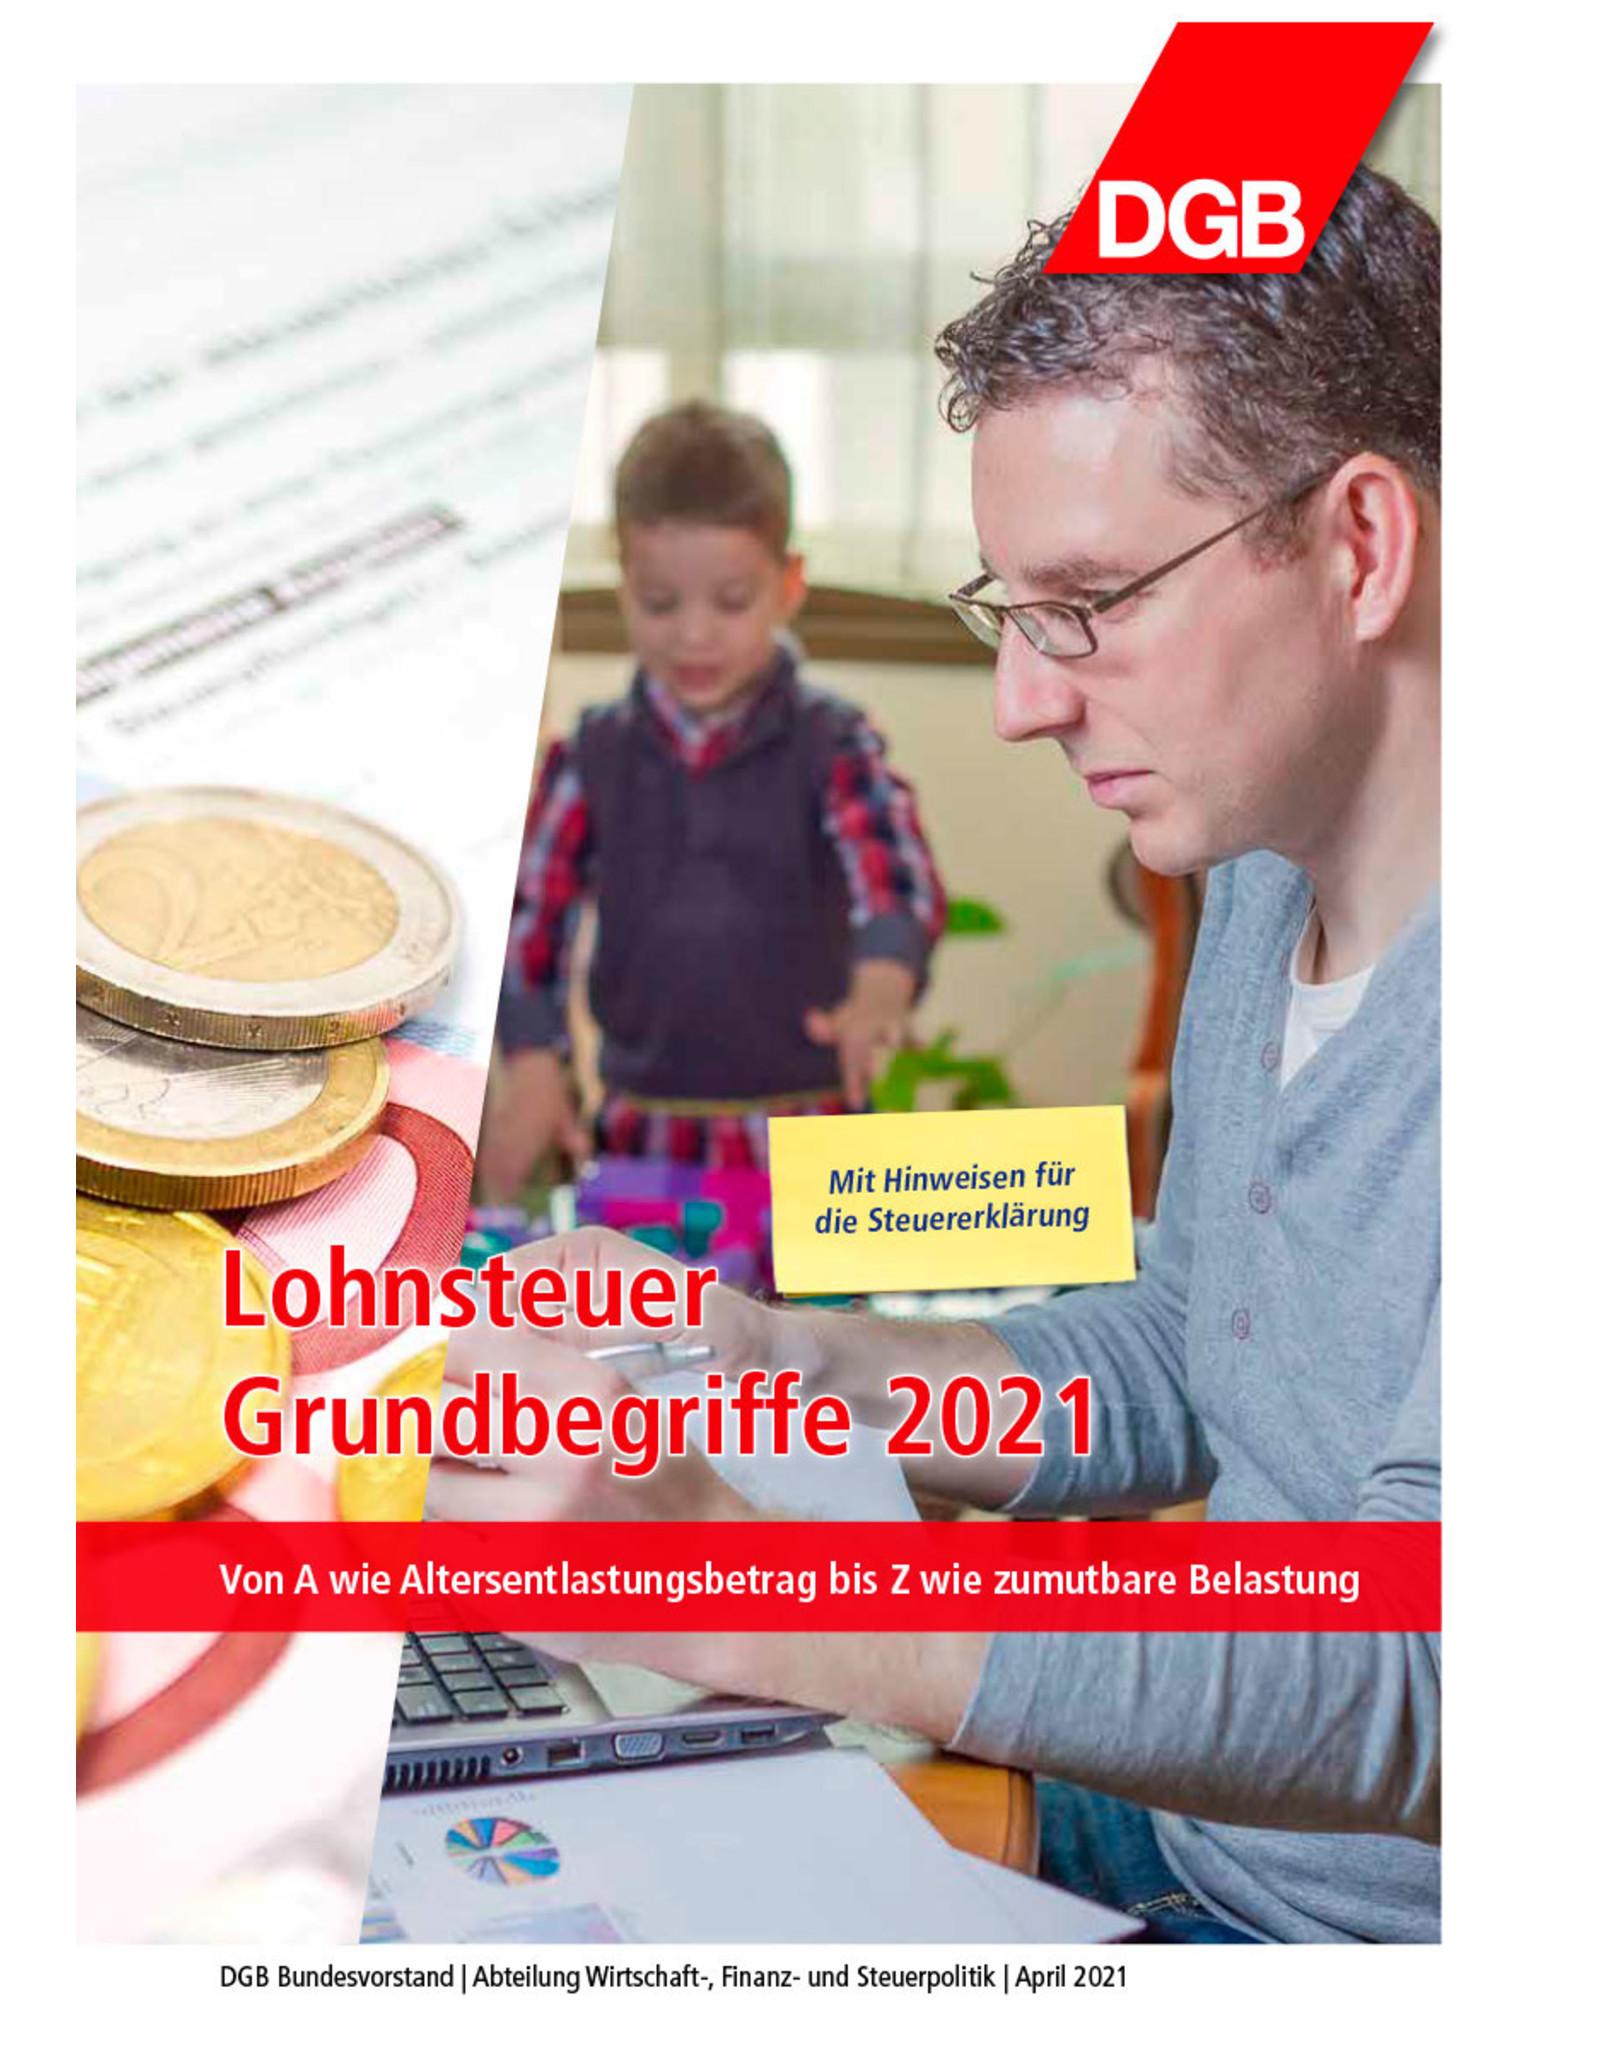 DGB-Broschüre Lohnsteuer Grundbegriffe 2021